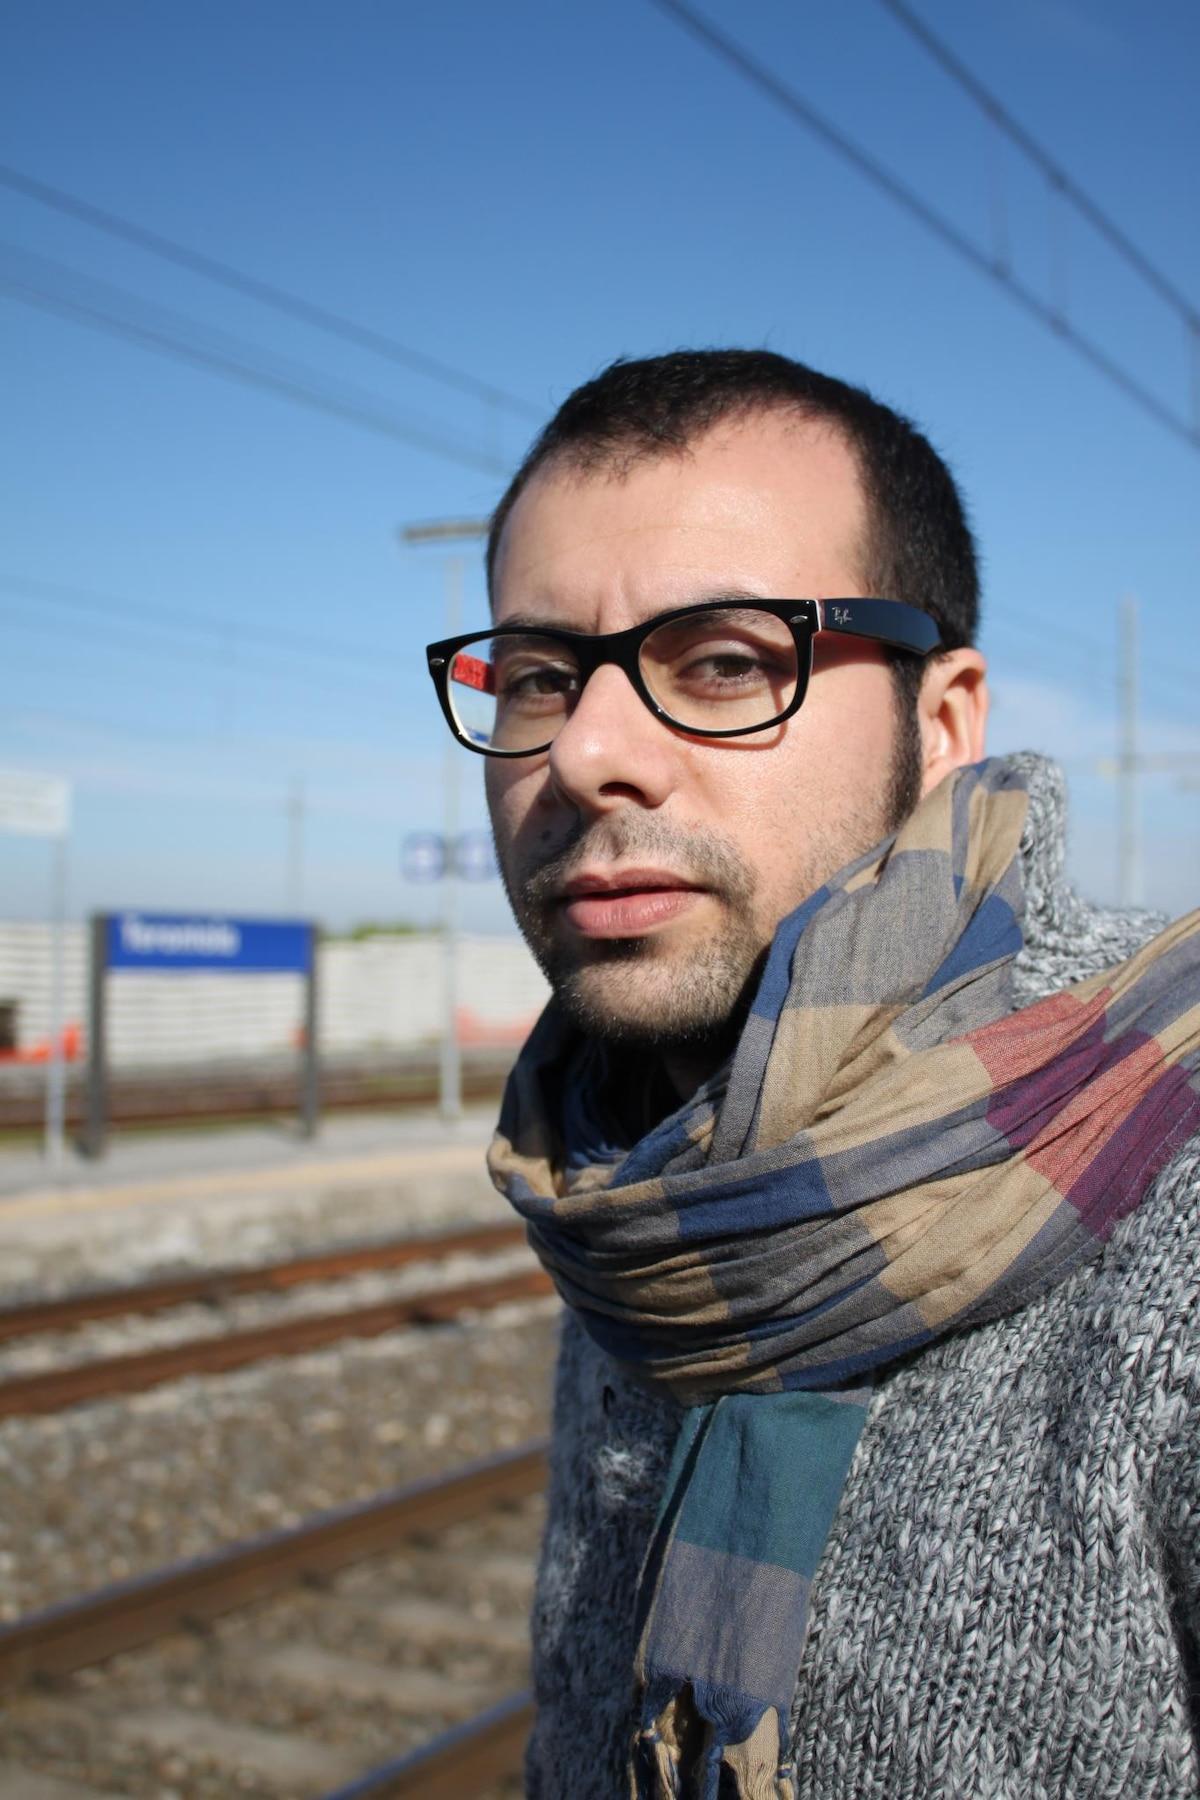 Alejandro from Jerez